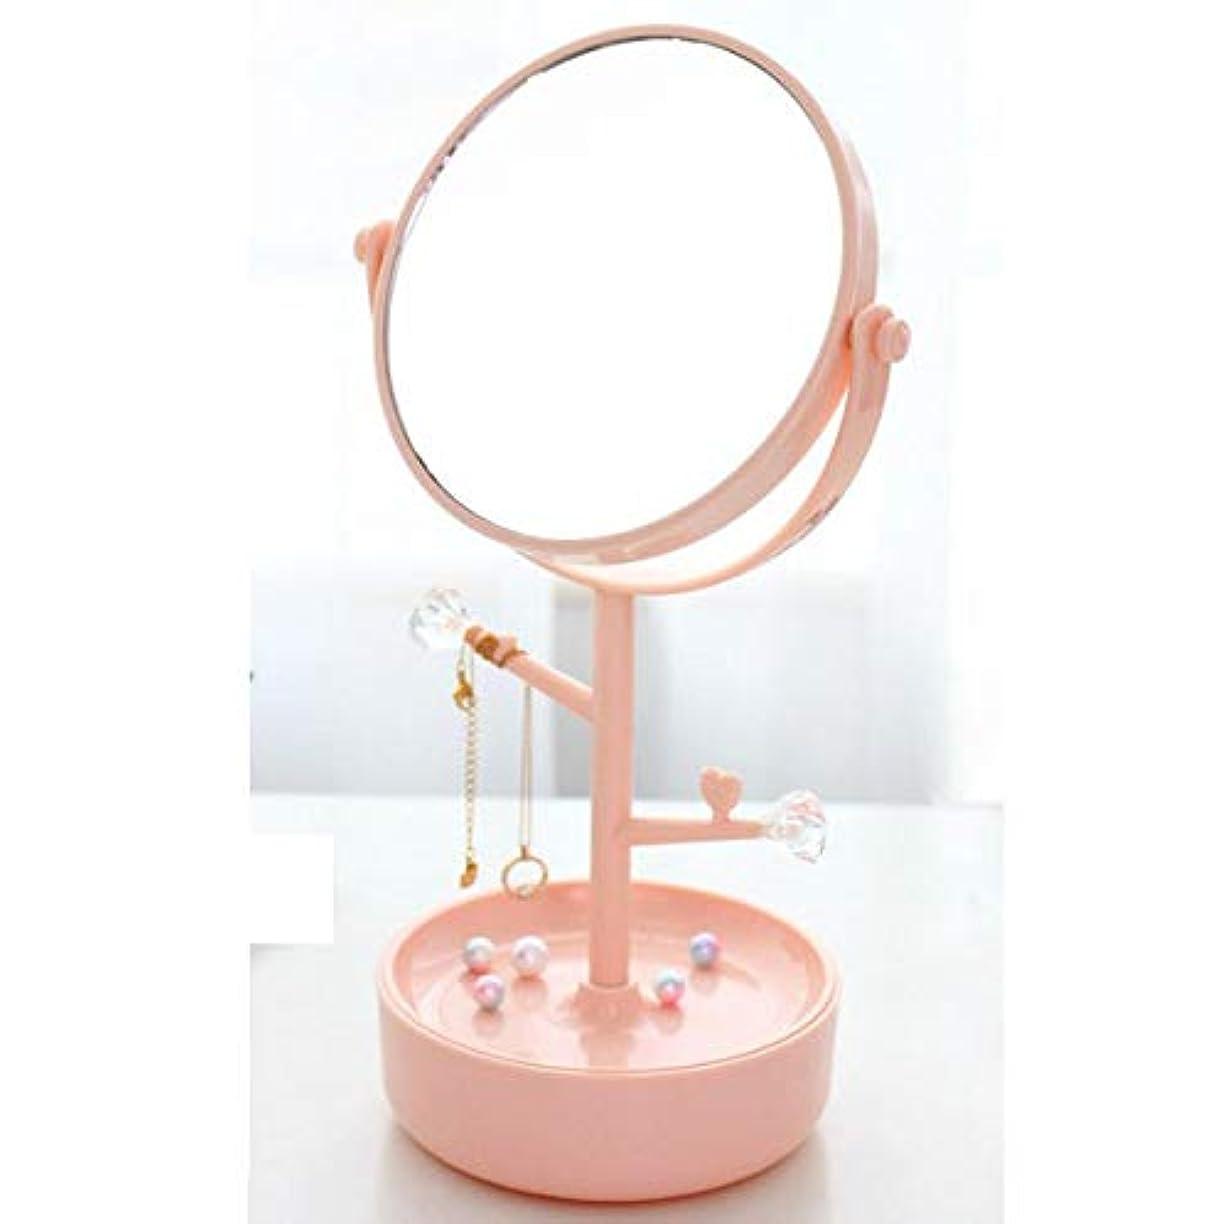 同意する参照別に化粧鏡、ピンク多機能収納両面化粧鏡化粧ギフト